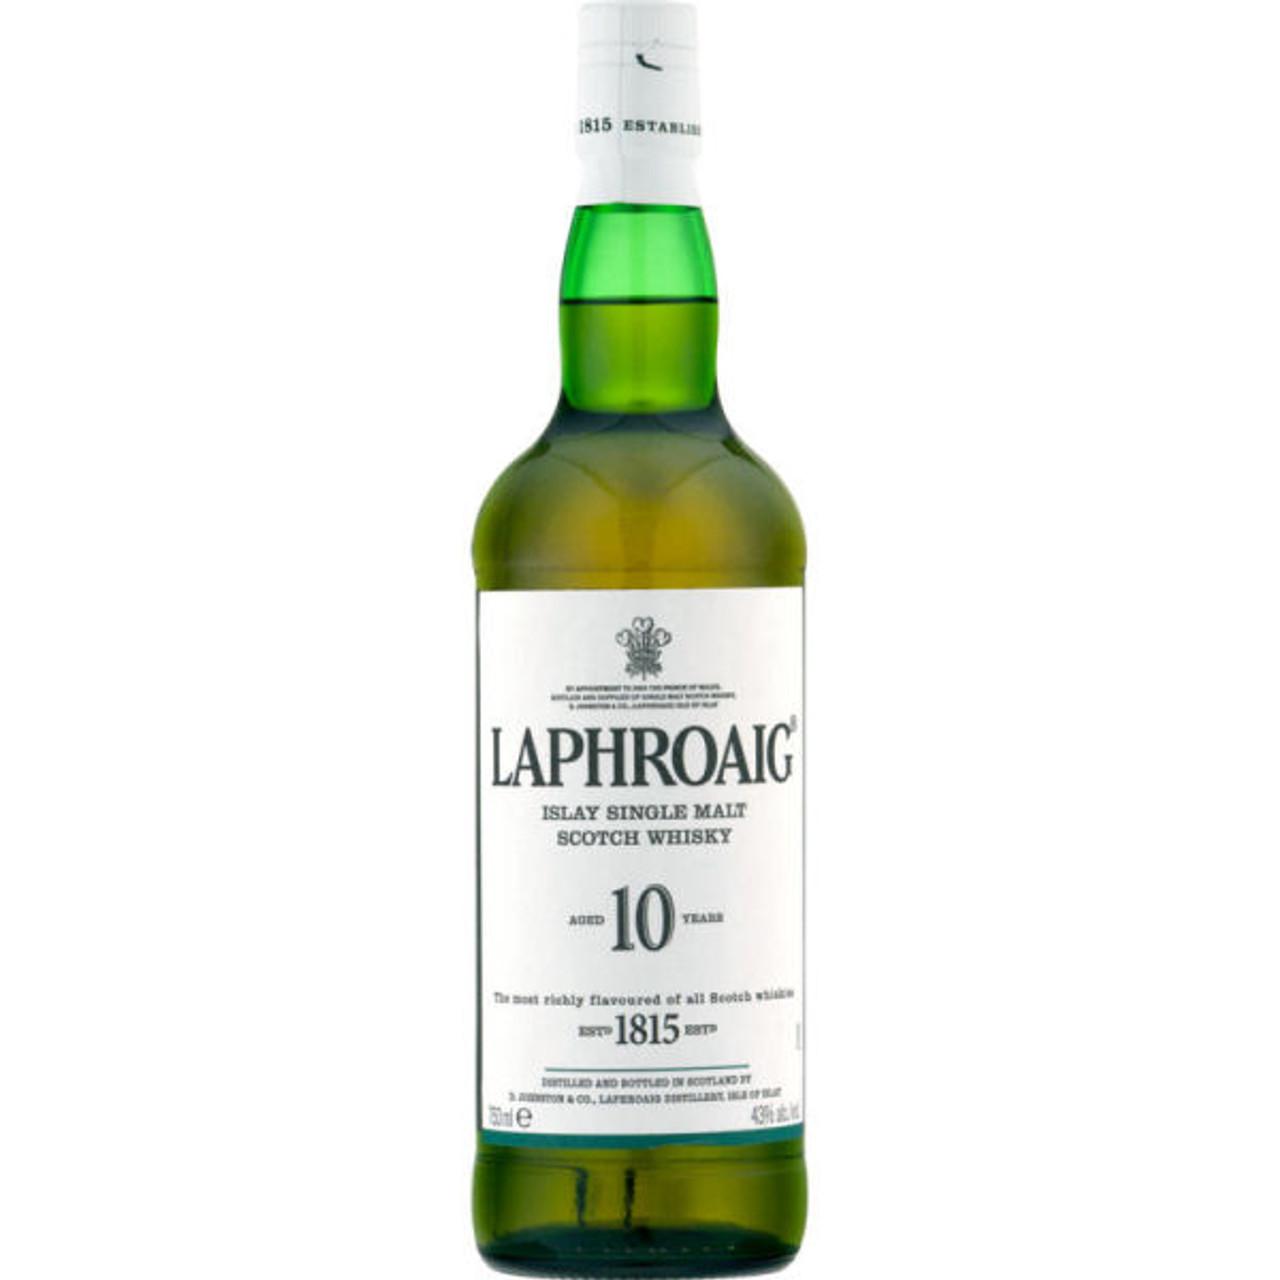 Laphroaig 10 Year Old Islay Single Malt Scotch 750ml